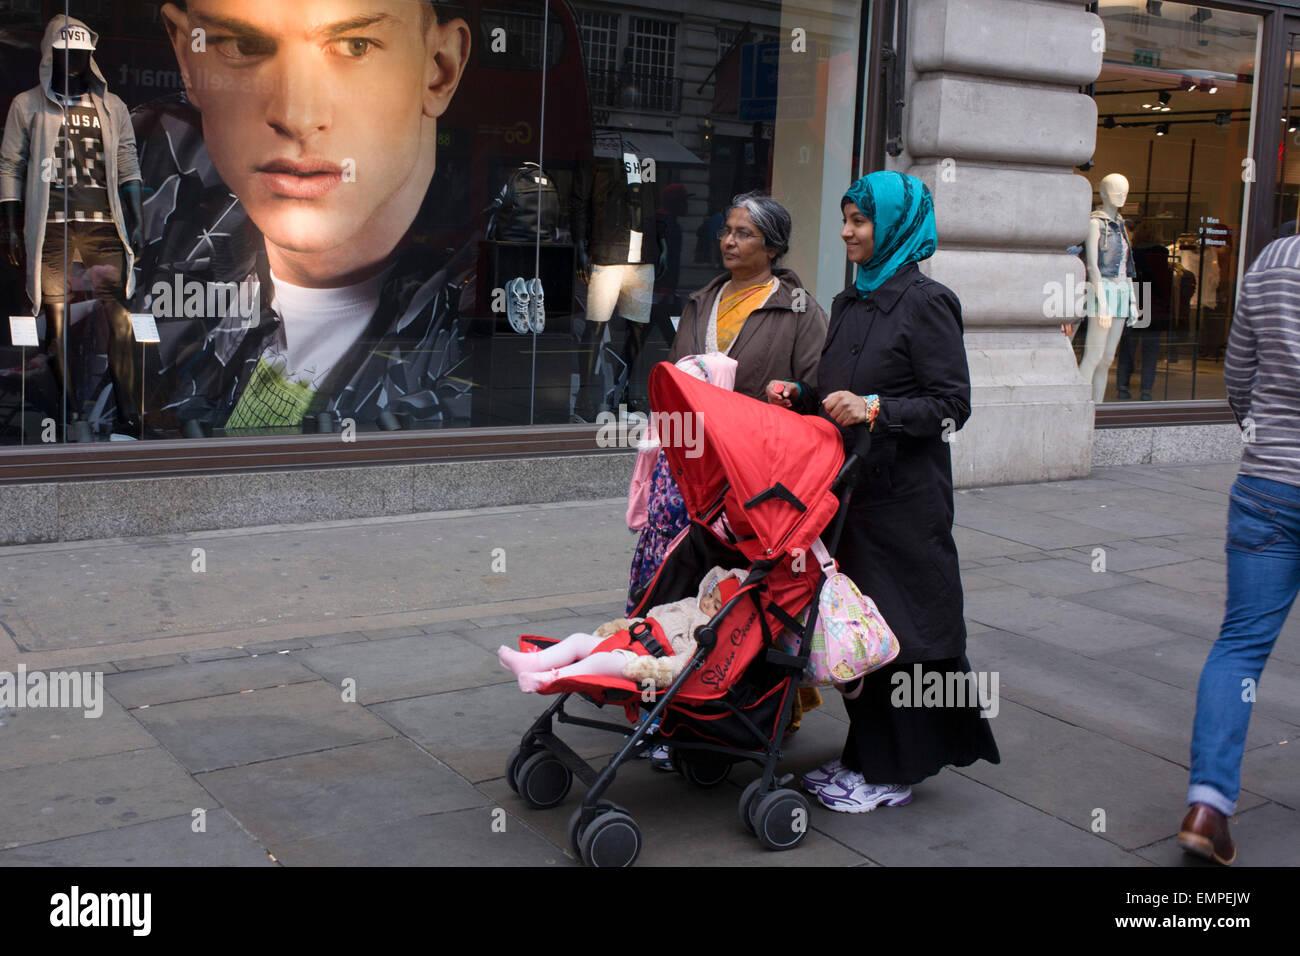 Familia de muselina y una gran imagen de un modelo masculino en la ventana de comercio minorista de ropa de H&M Imagen De Stock